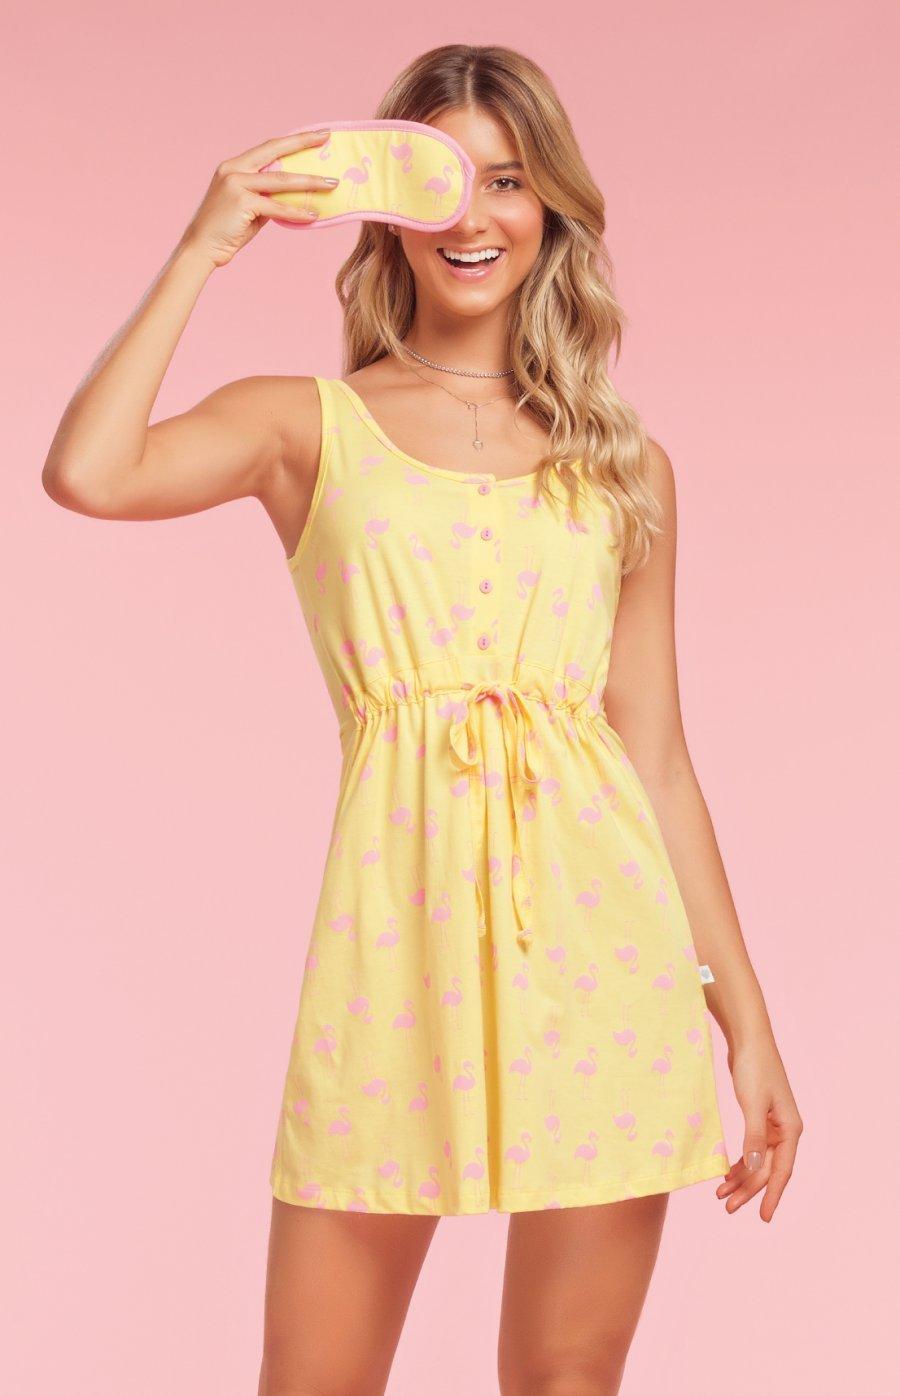 Camisola 100% Algodão Plus Size Flaminguetes Verão 2019